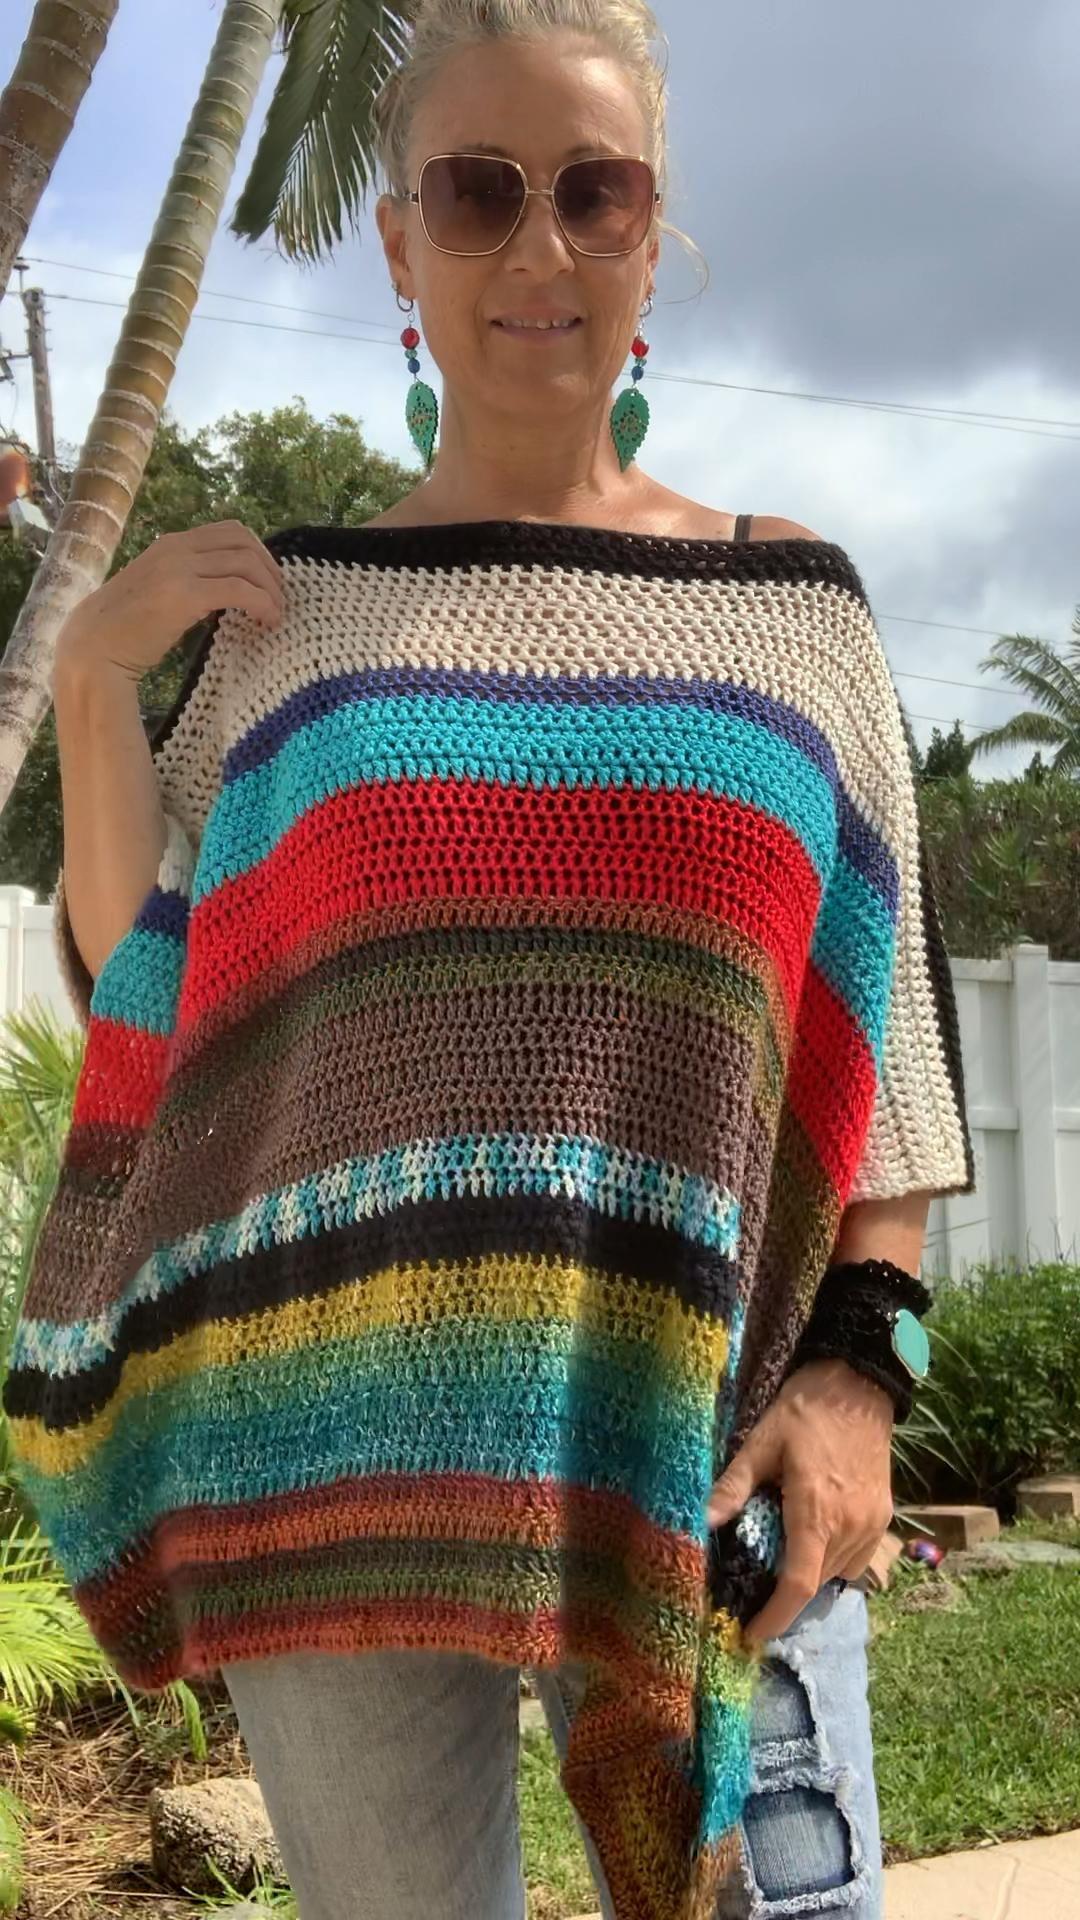 Poncho Crochet Pattern Boho Crochet Pattern Easy Crochet | Etsy